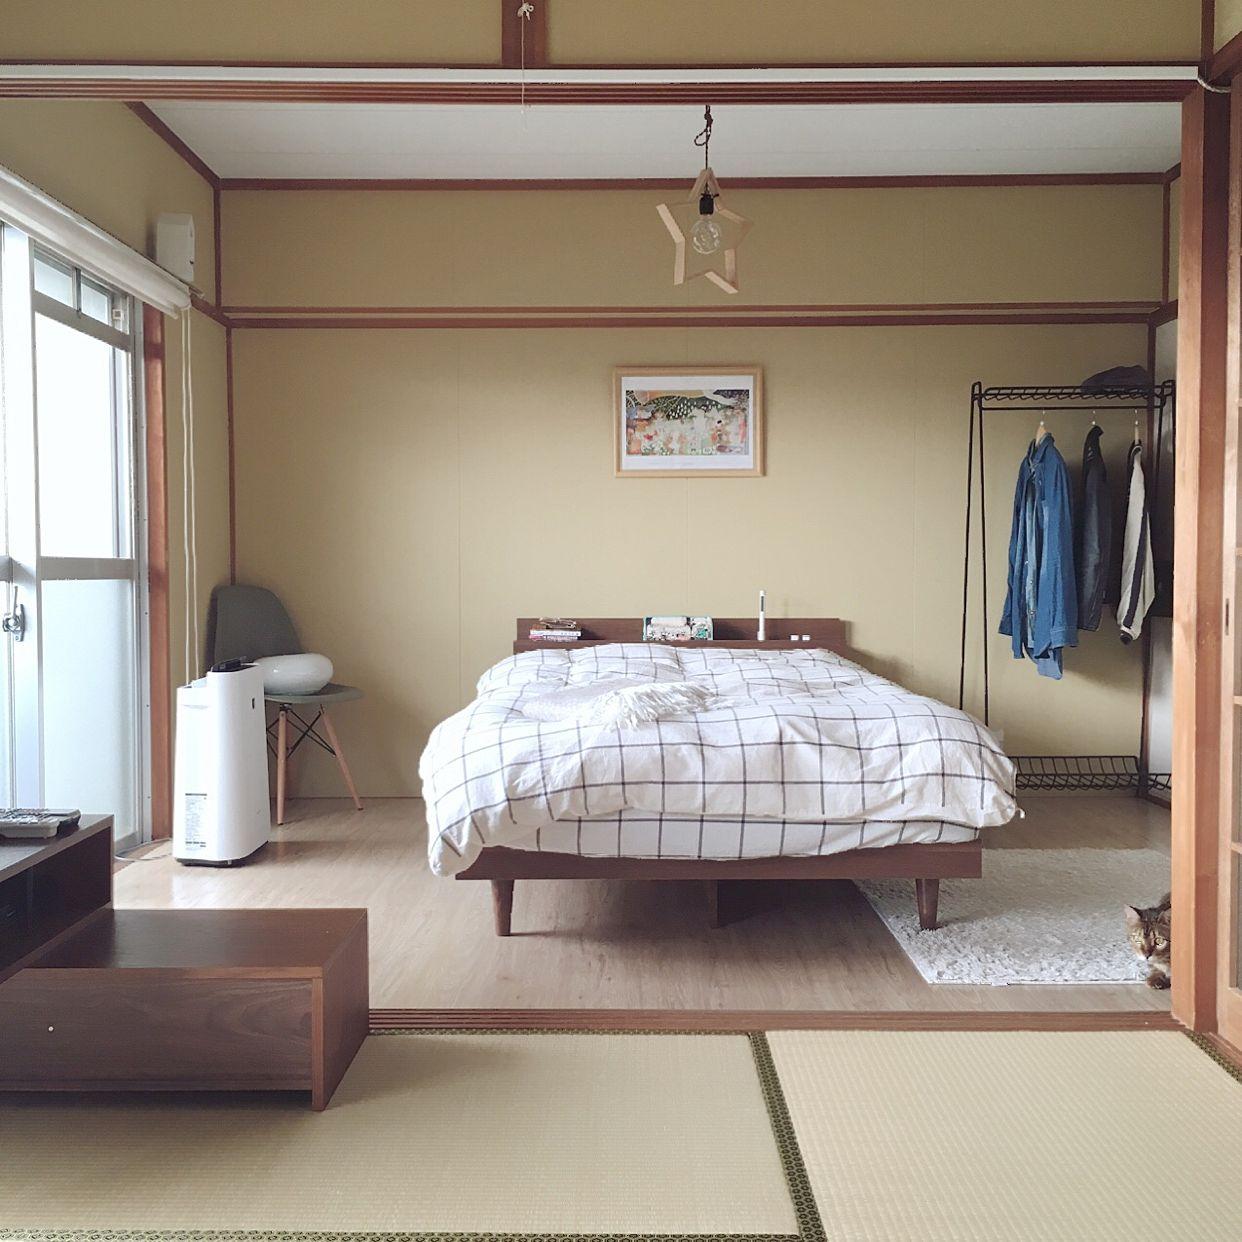 和室をベッドルームに!無印やニトリでおしゃれなインテリアコーデ   luv